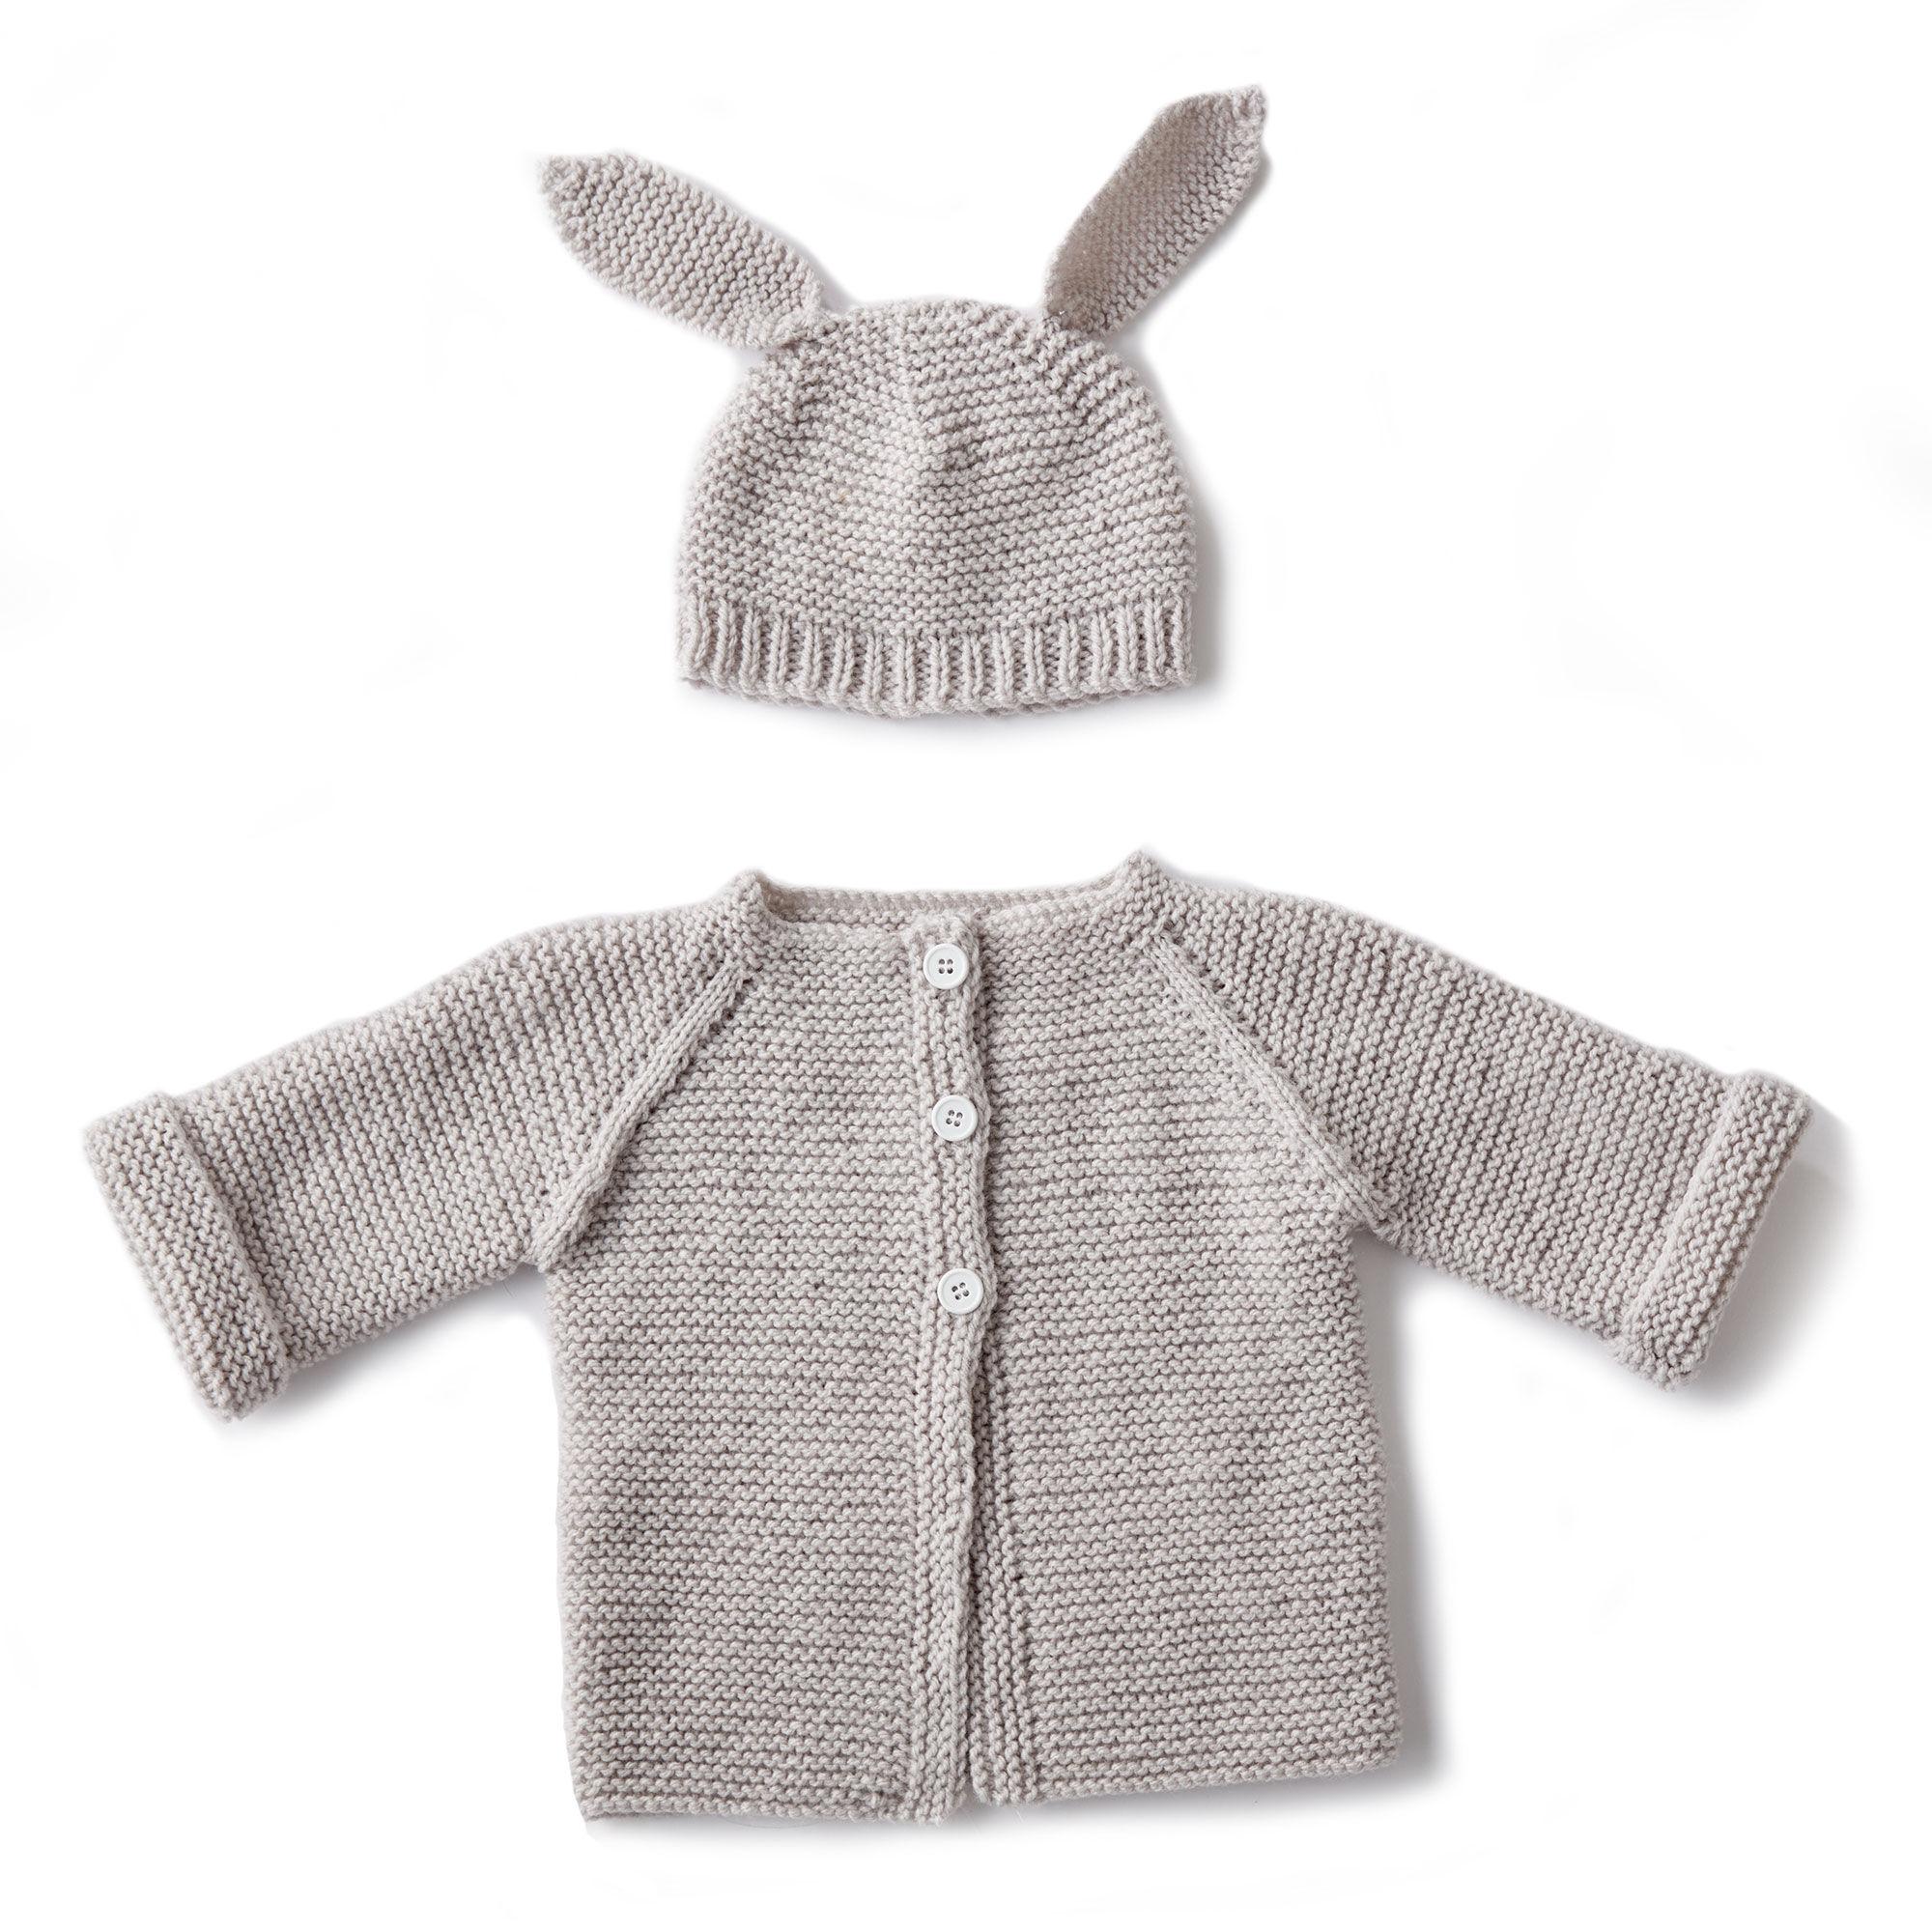 88e7f9abf Bernat Knit Baby Jacket Set, Newborn | Yarnspirations